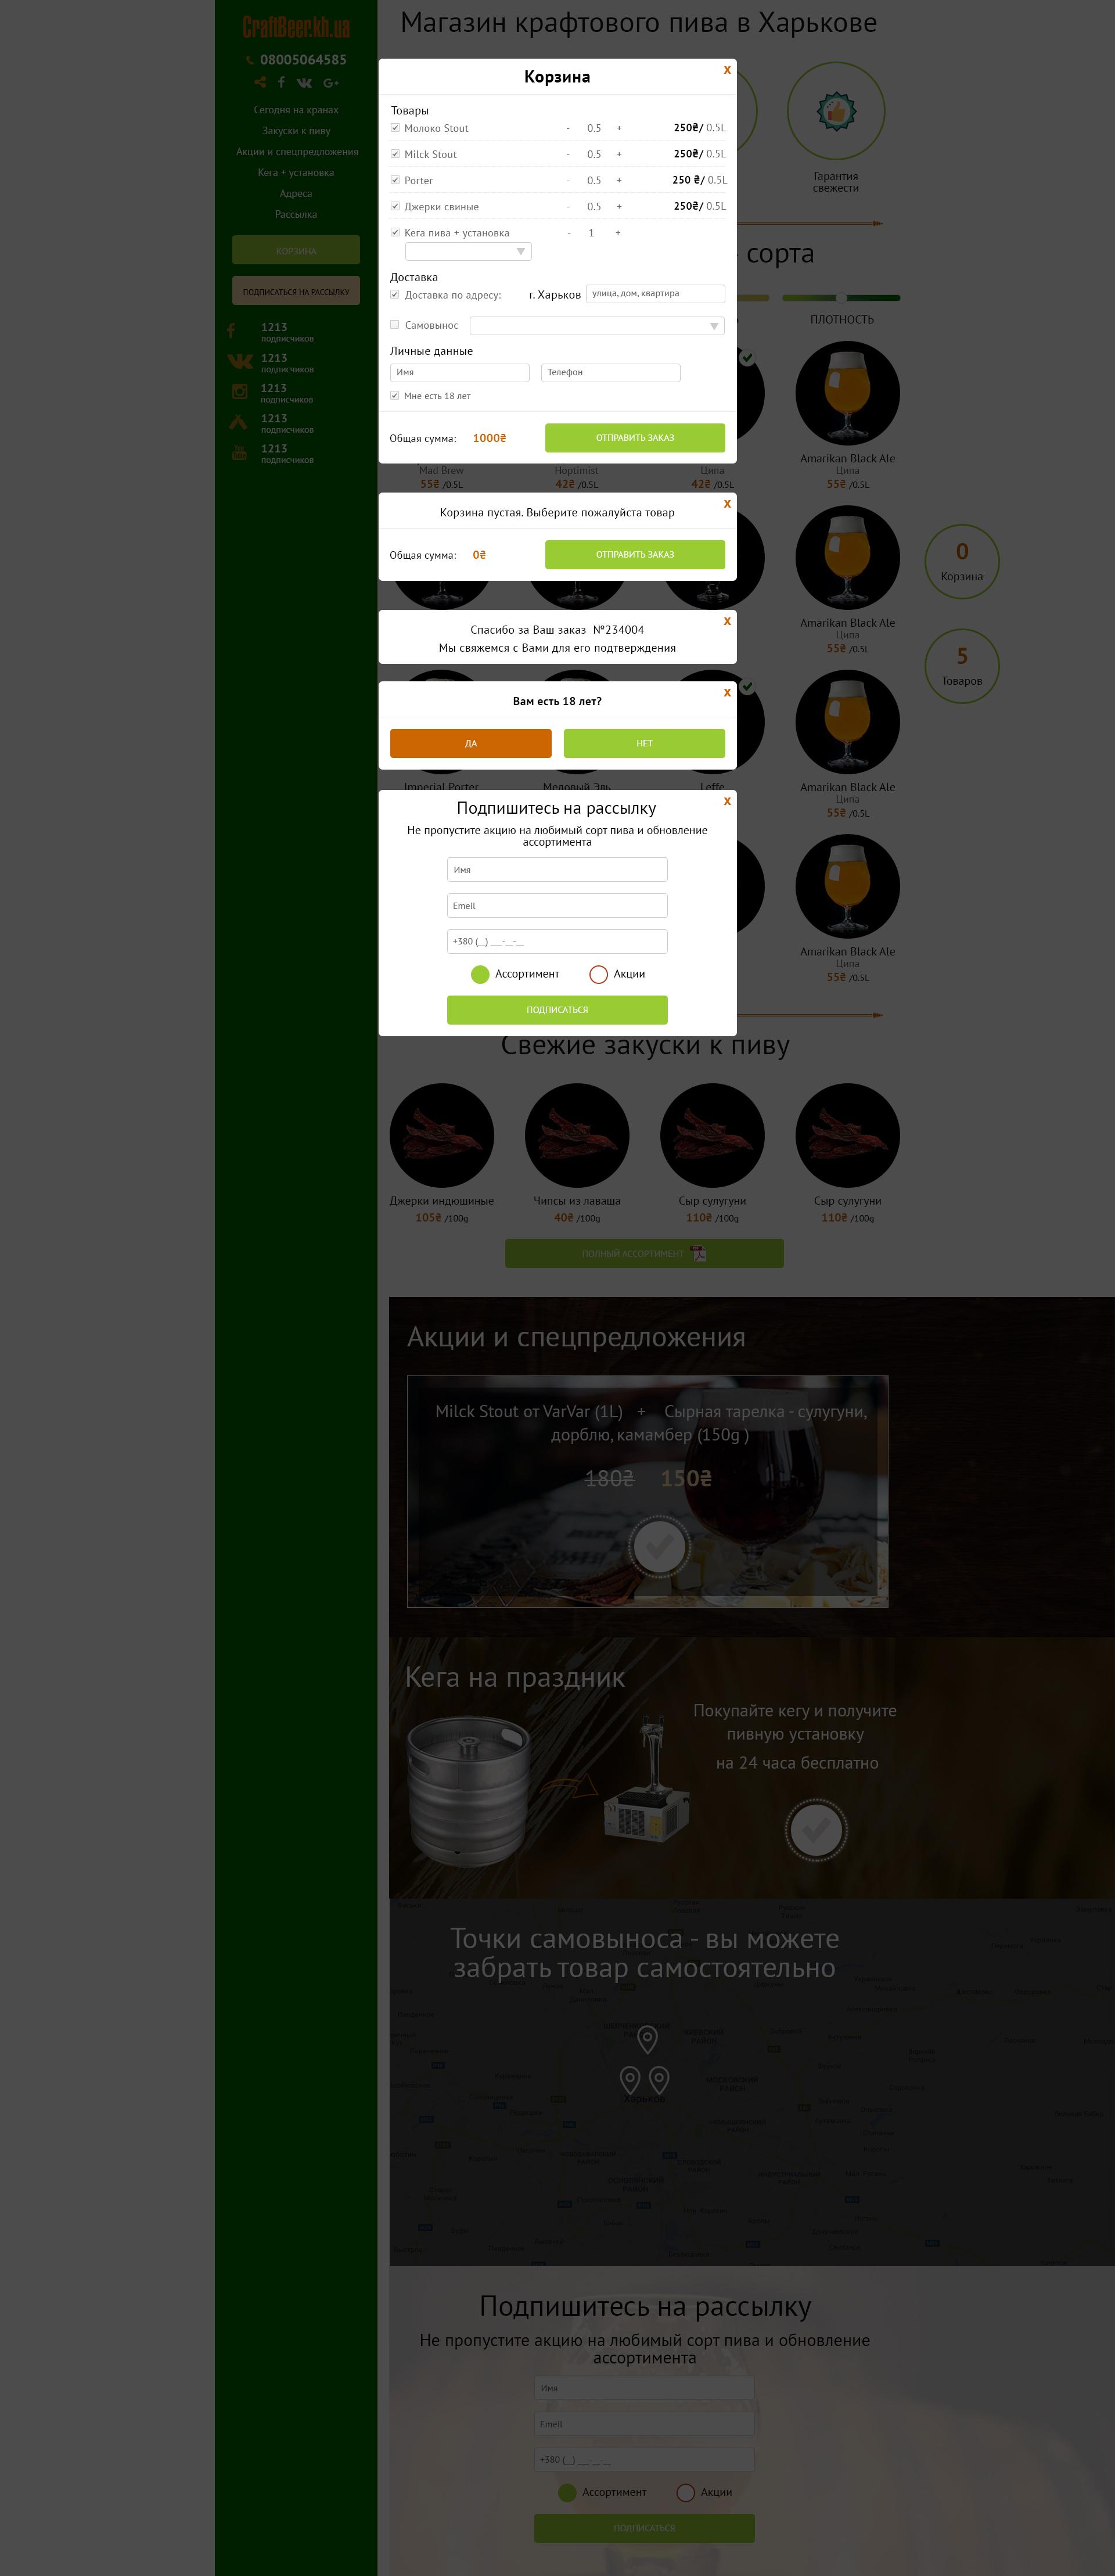 Дизайн лендинга, + страница Бонусов, + модальные окна фото f_6005a5df2a0dcd34.jpg